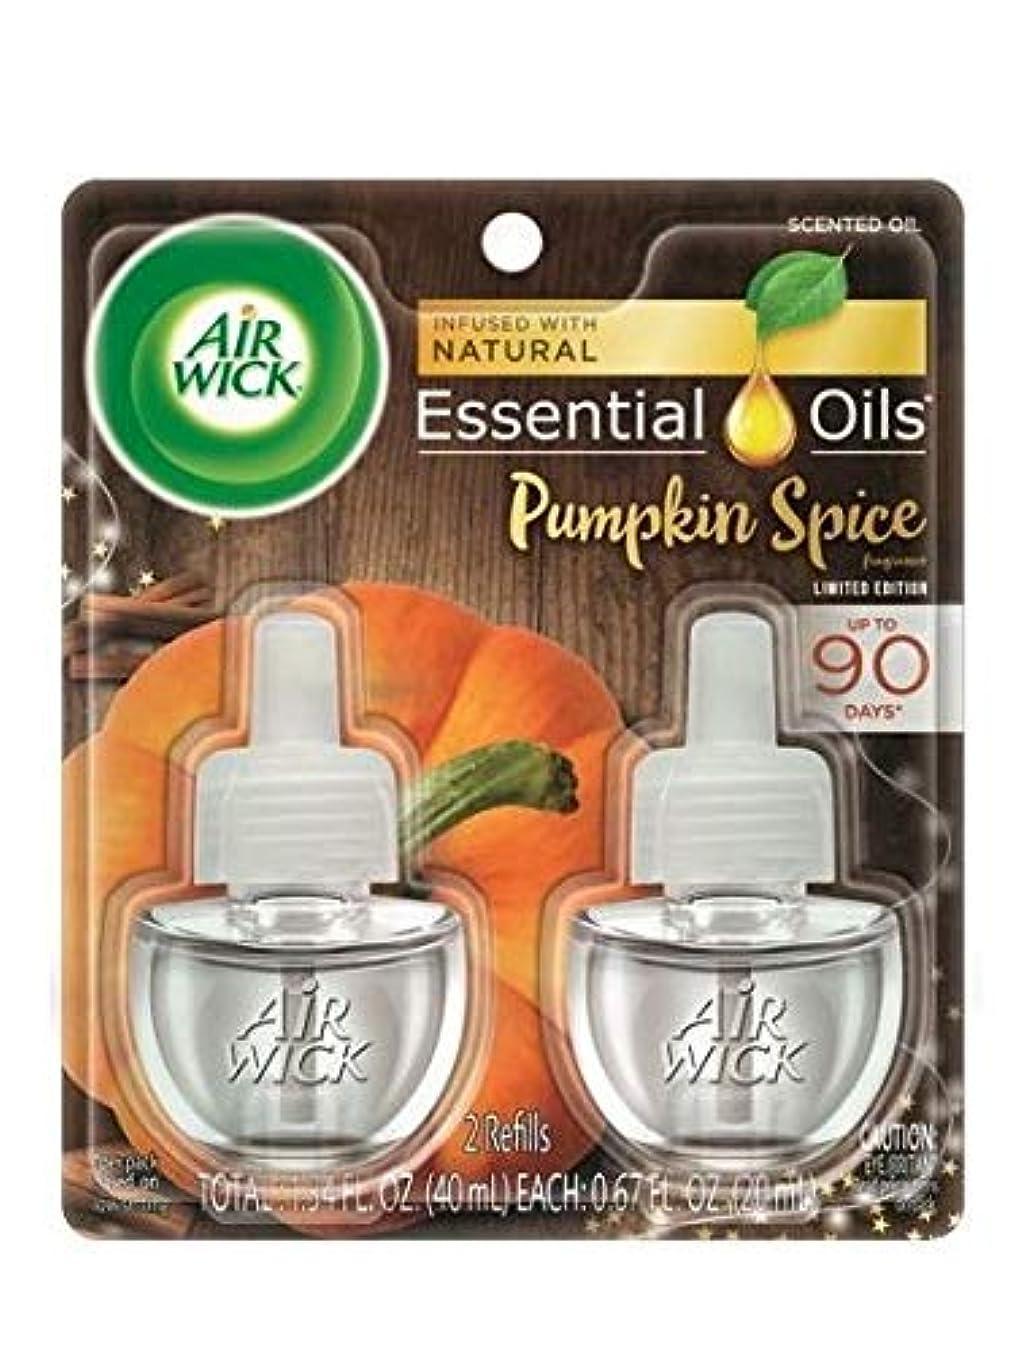 に負ける割合ブース【Air Wick/エアーウィック】 プラグインオイル詰替えリフィル(2個入り) パンプキンスパイス Air Wick Scented Oil Twin Refill Pumpkin Spice (2X.67) Oz. [並行輸入品]